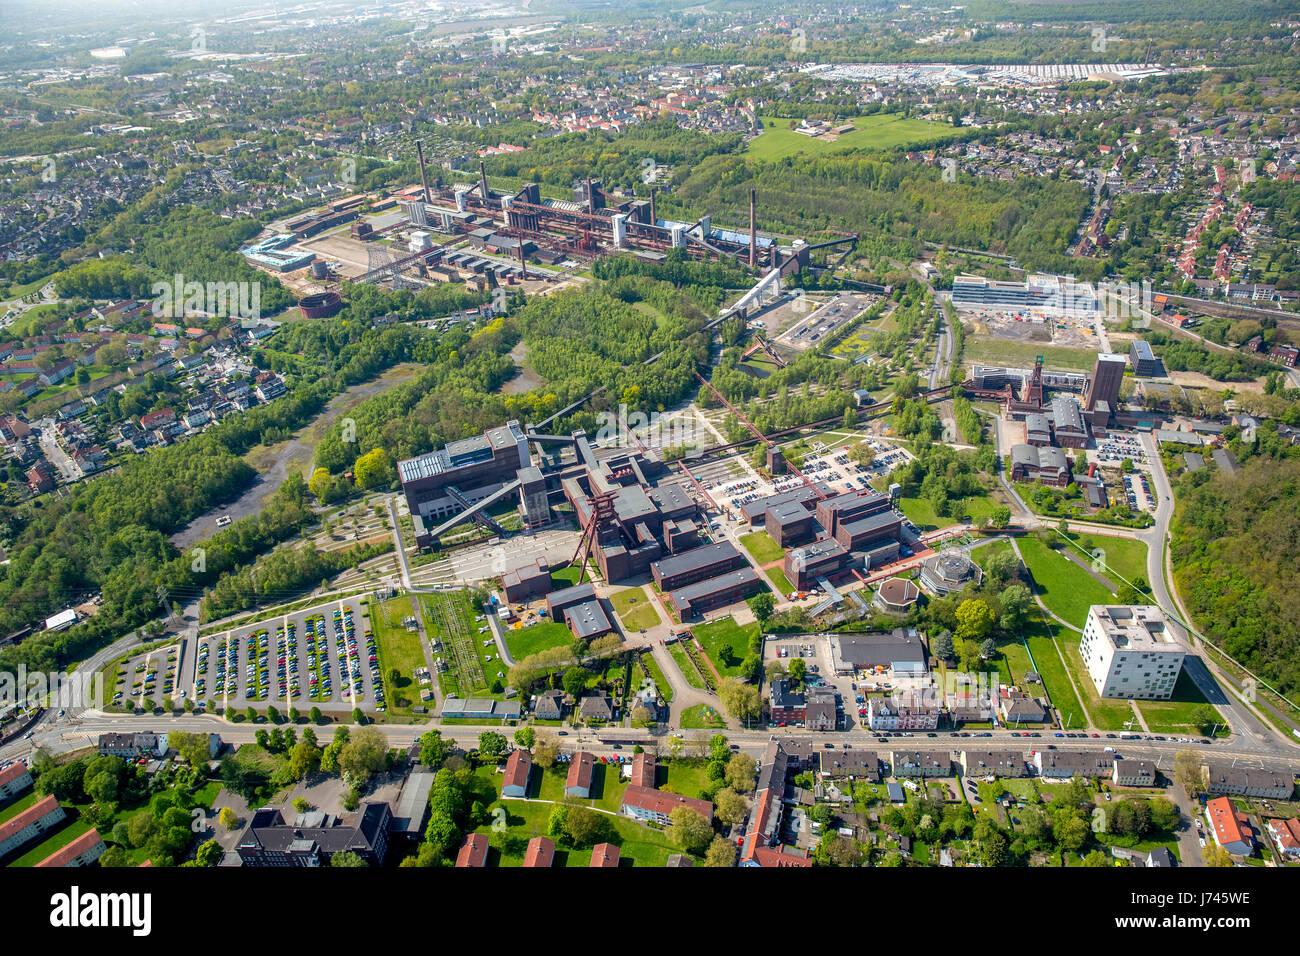 Zollverein kulturellen Welterbe Zollverein, Essen, Ruhrgebiet, Nordrhein-Westfalen, Deutschland, Zollverein, Weltkulturerbe Stockbild